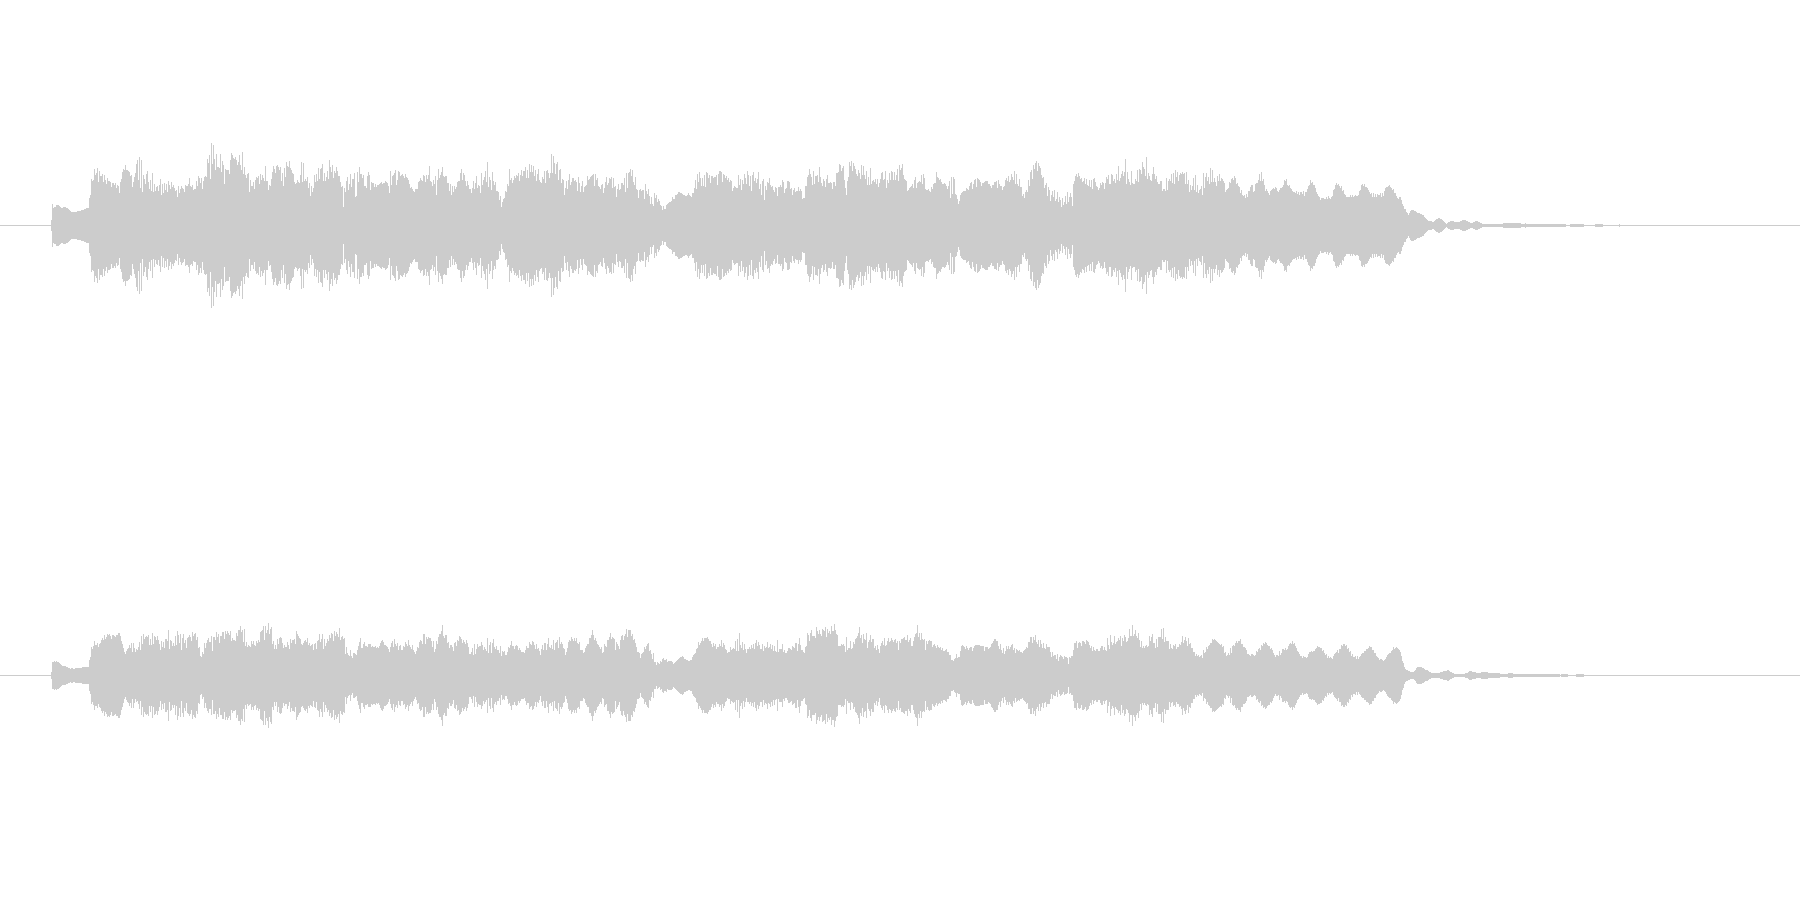 ノスタルジックで切ないシンセサウンドの未再生の波形